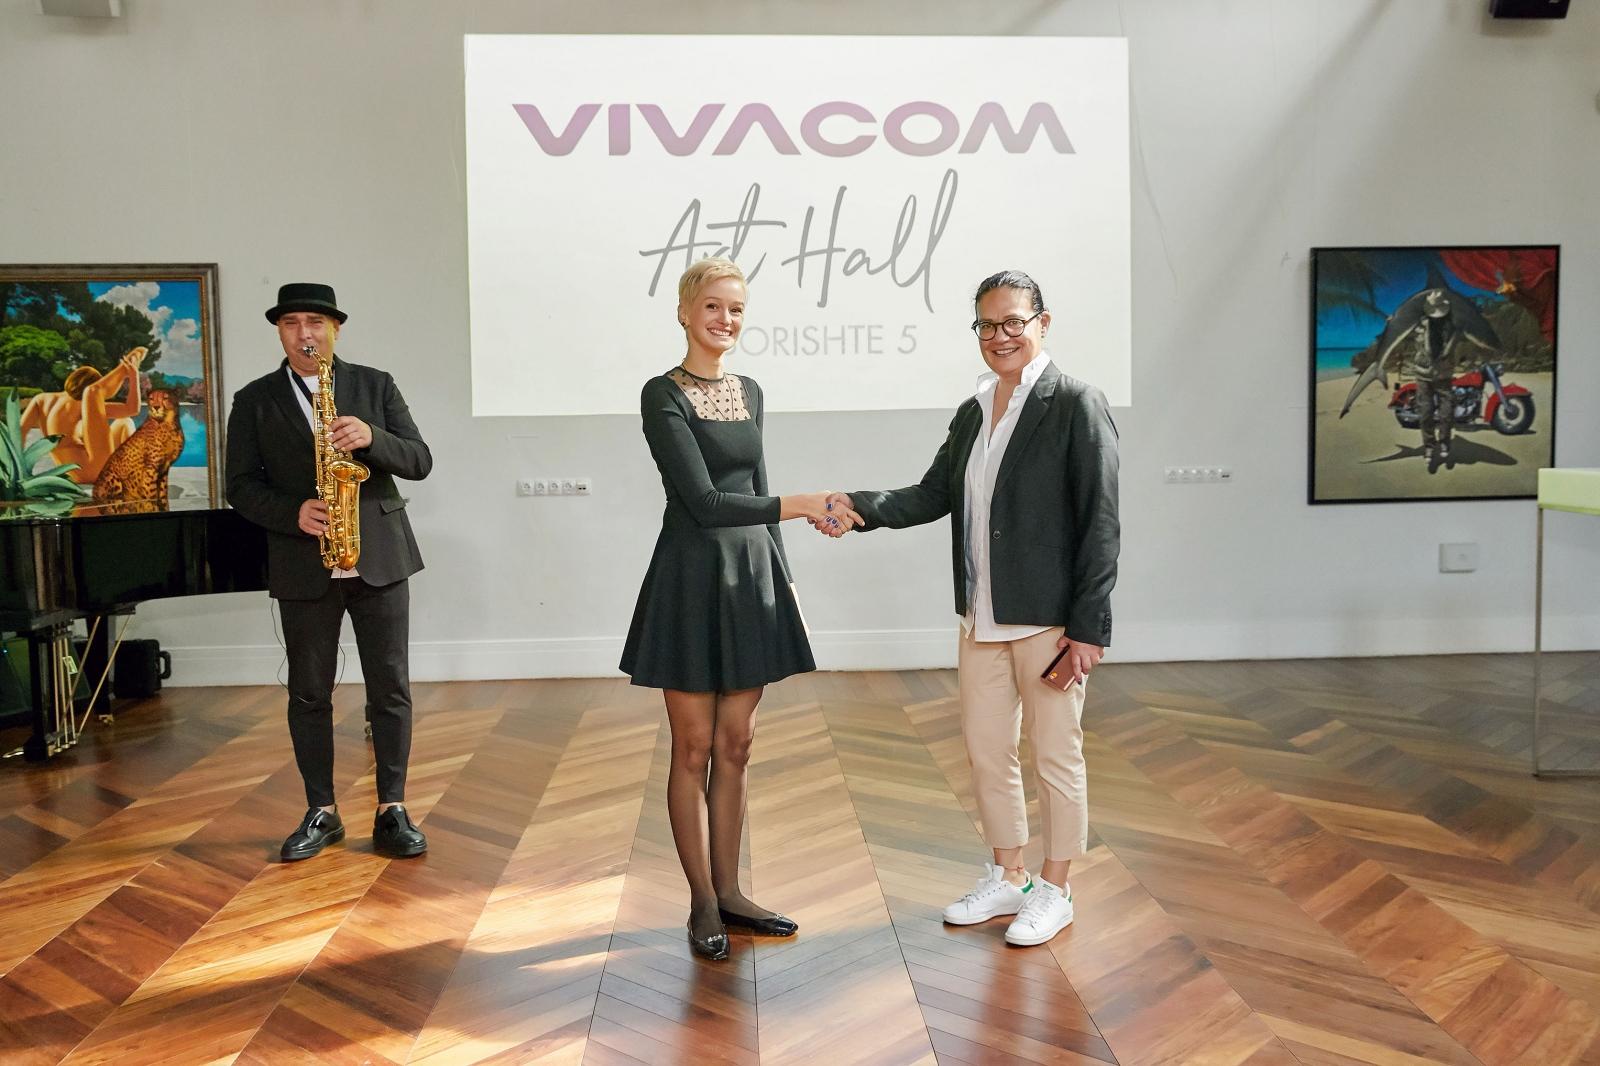 Vivacom Art Hall има нов дом - Vivacom и галерия